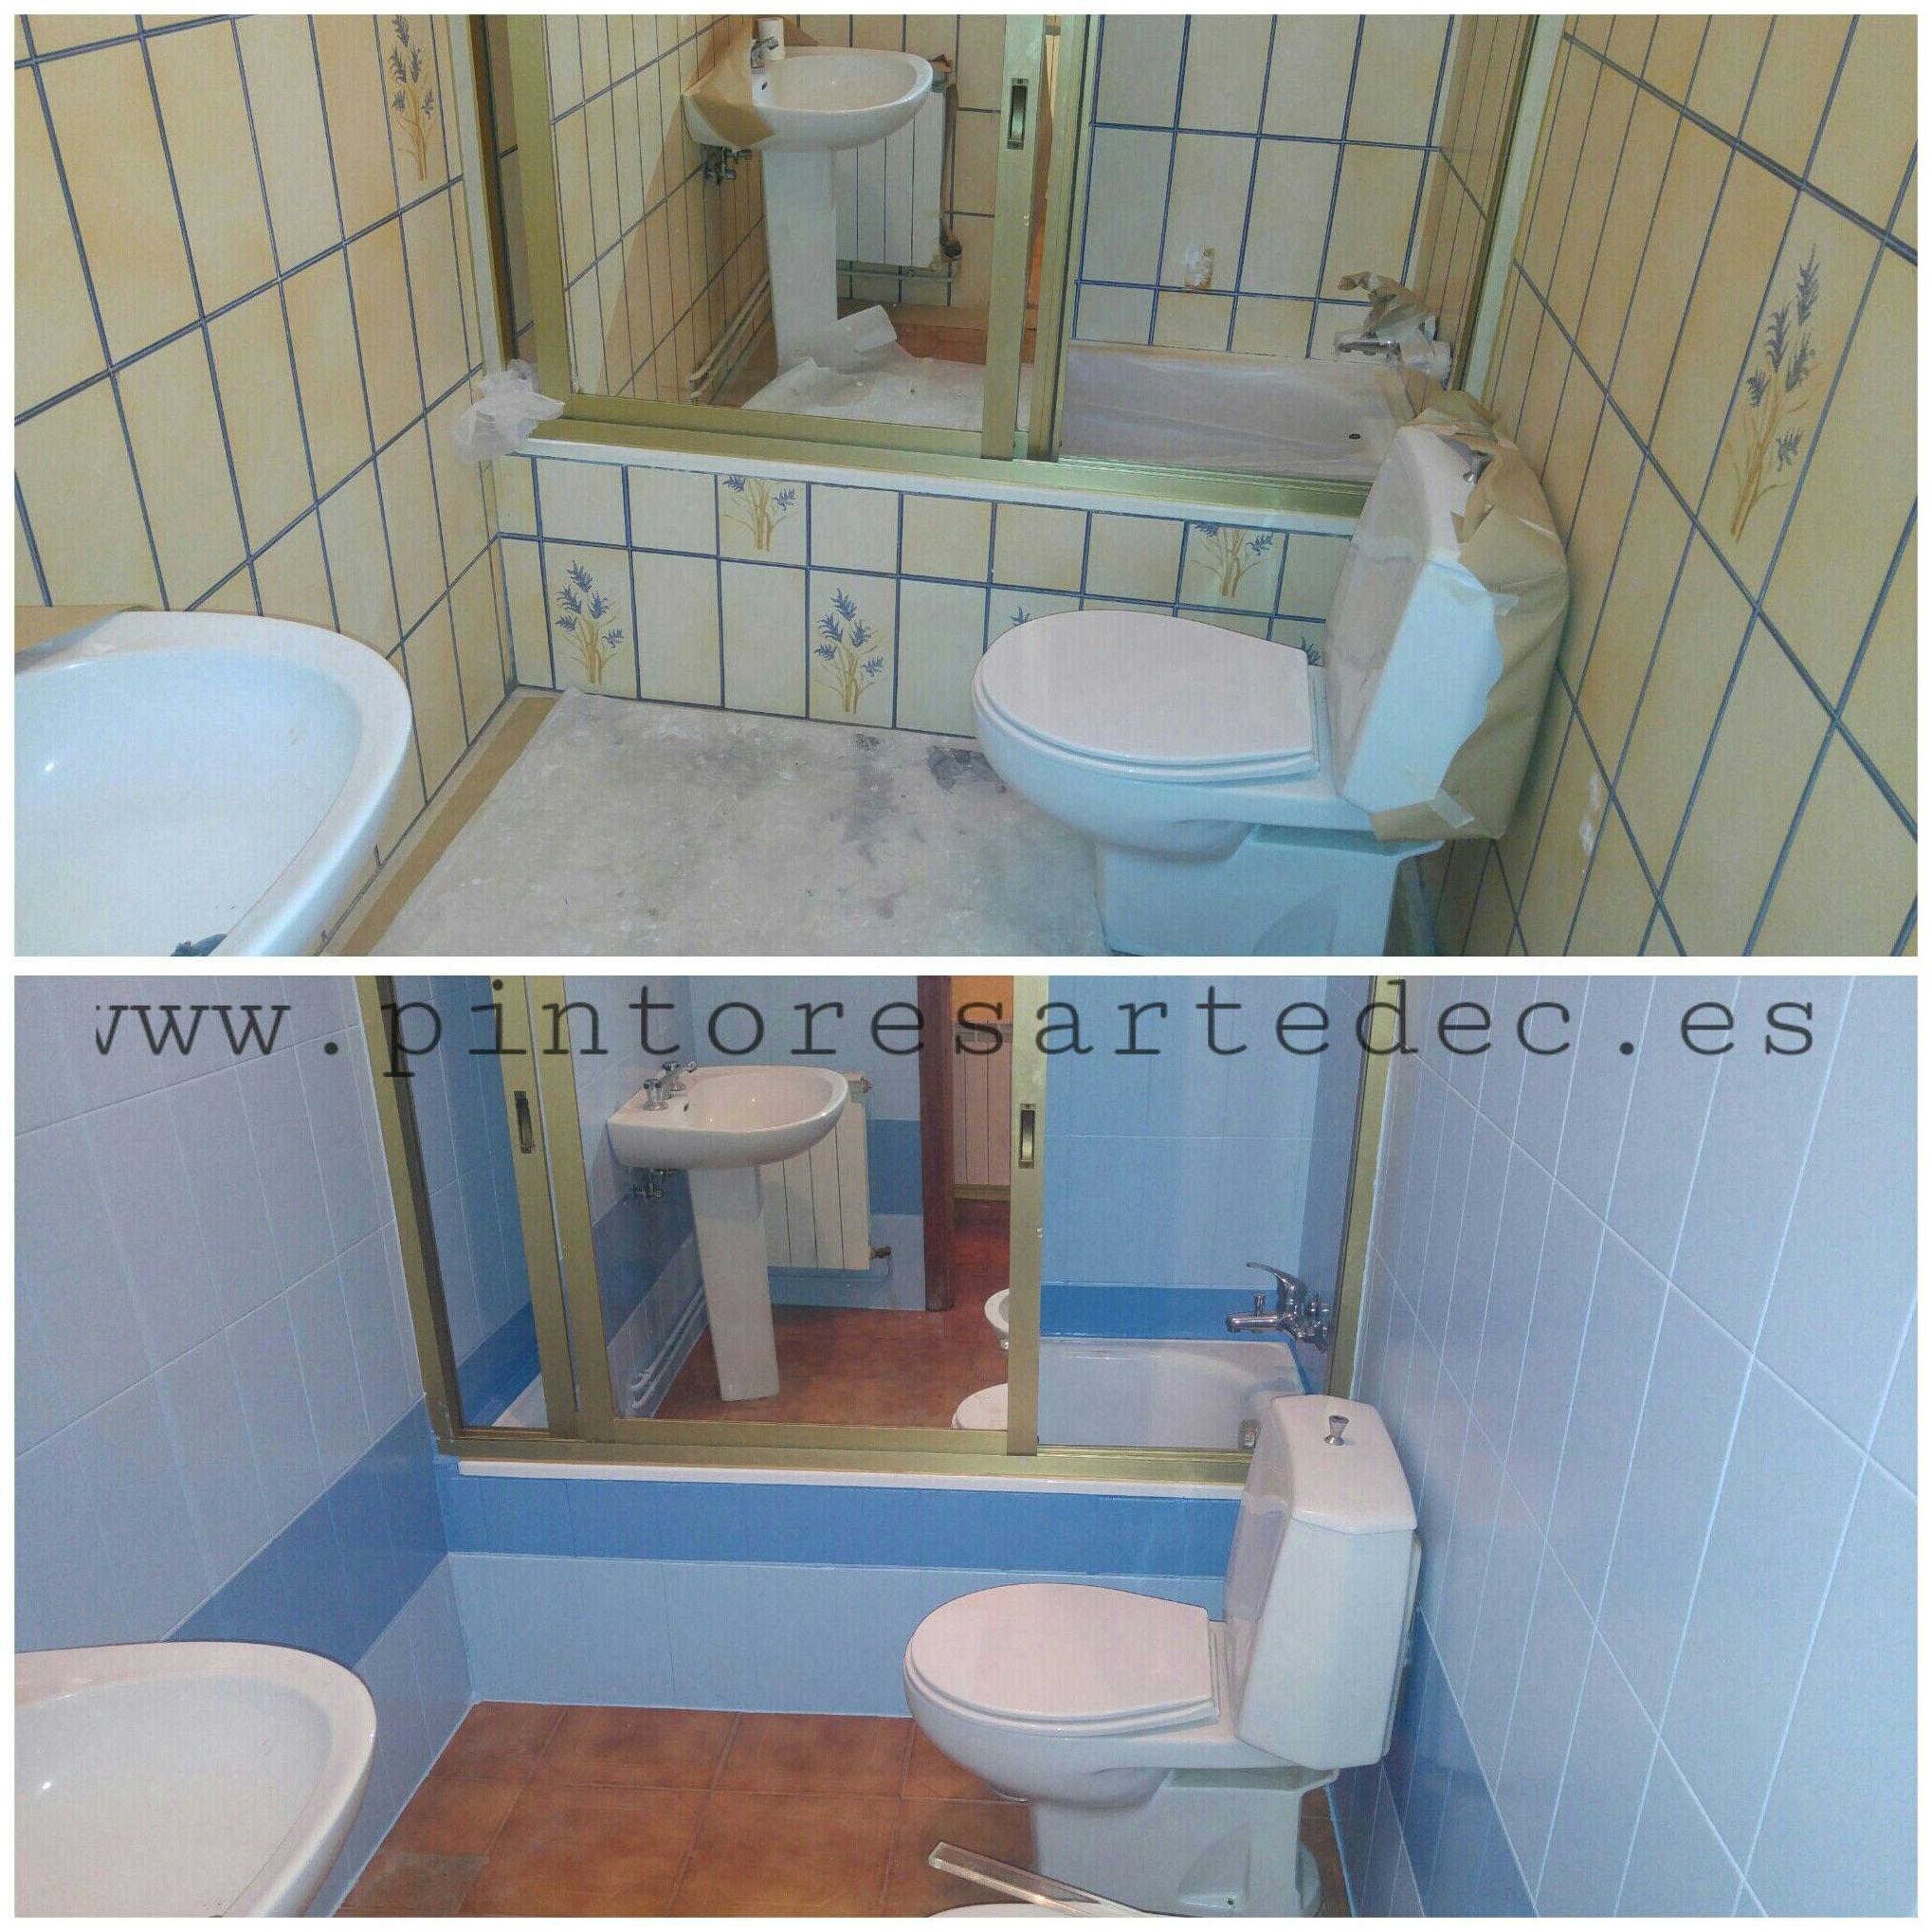 Pintura para azulejos servicios de pintores artedec - Pintura para azulejos bano ...